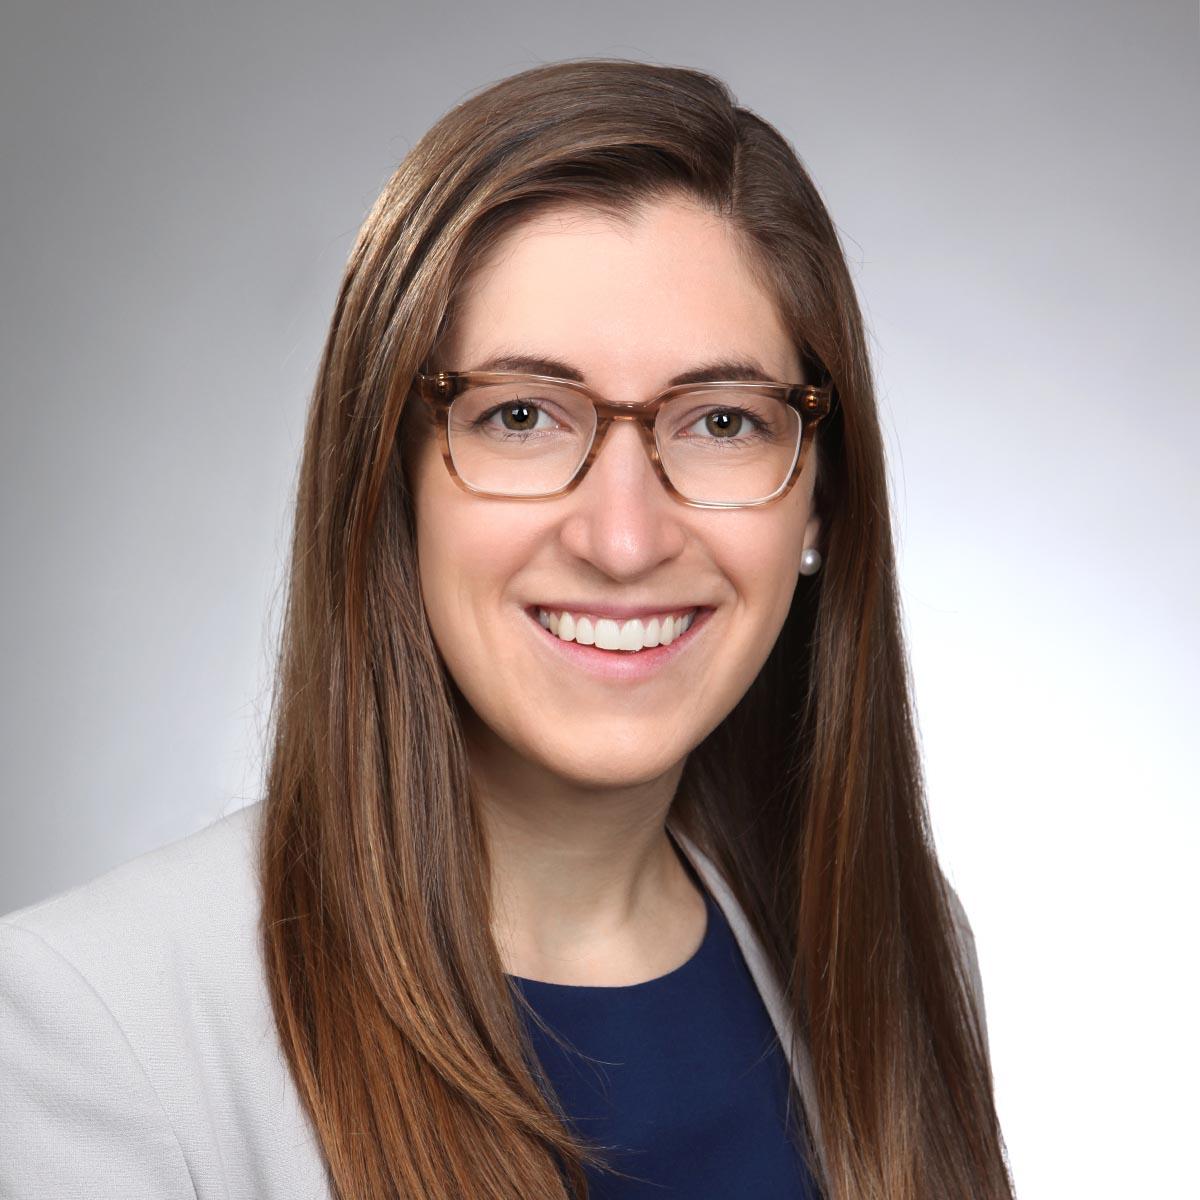 female headshot wearing eyeglasses